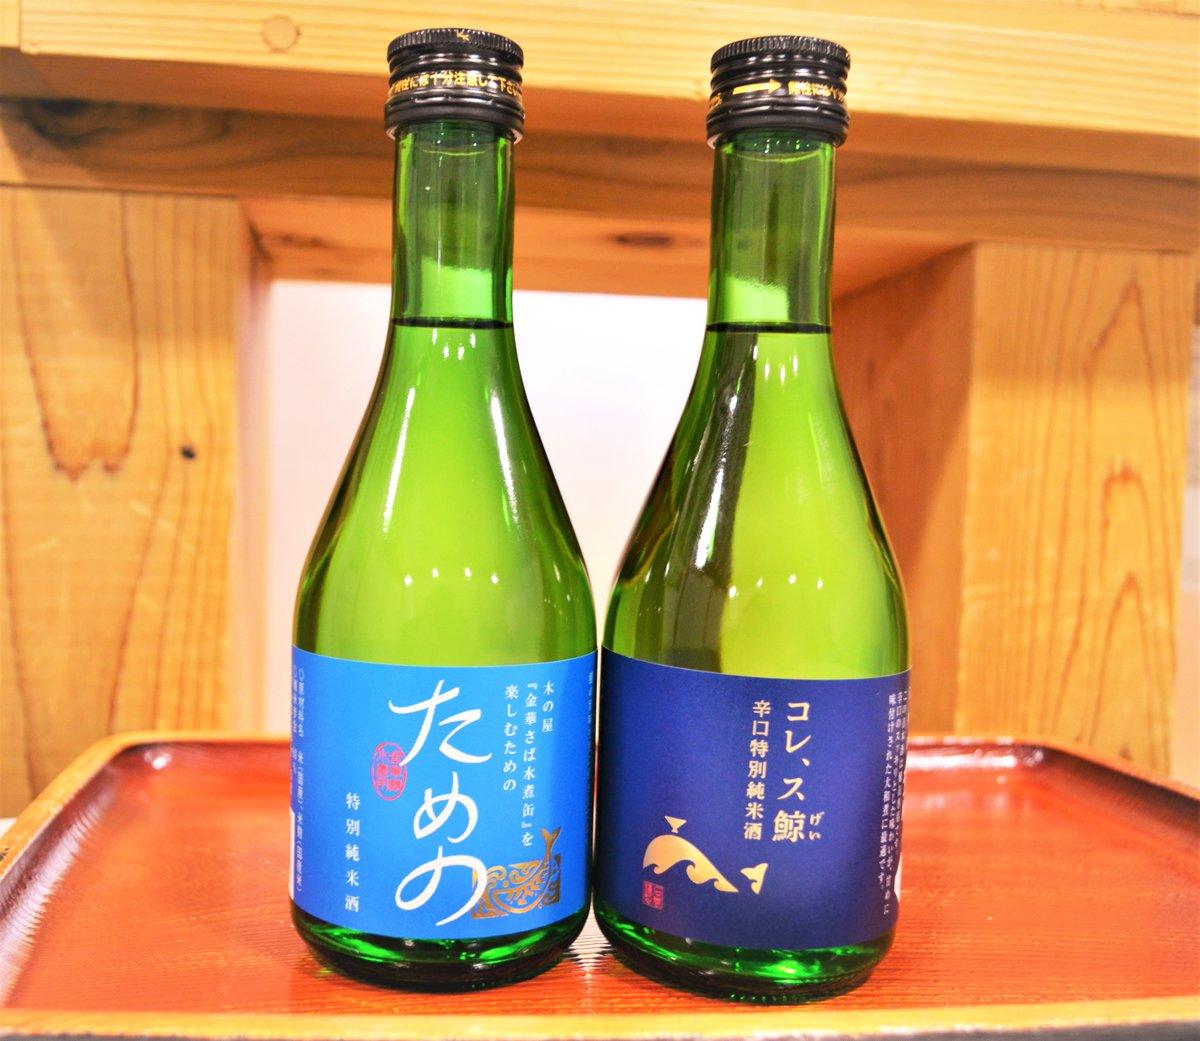 test ツイッターメディア - 日本酒のご紹介いたしま~す(*^^*)🎀石巻の石川酒造店 木の屋『金華サバ水煮缶』を楽しむための 「ための」優しい風味とスッキリした味わいで鯖の旨味を更に引き立てる鯖缶専用日本酒です🍶『コレ、ス鯨』辛口のスッキリとした味わいが、甘めに味付けされた大和煮に最適鯨缶専用日本酒です🍶(^▽^)/ https://t.co/rw8InN0yT2